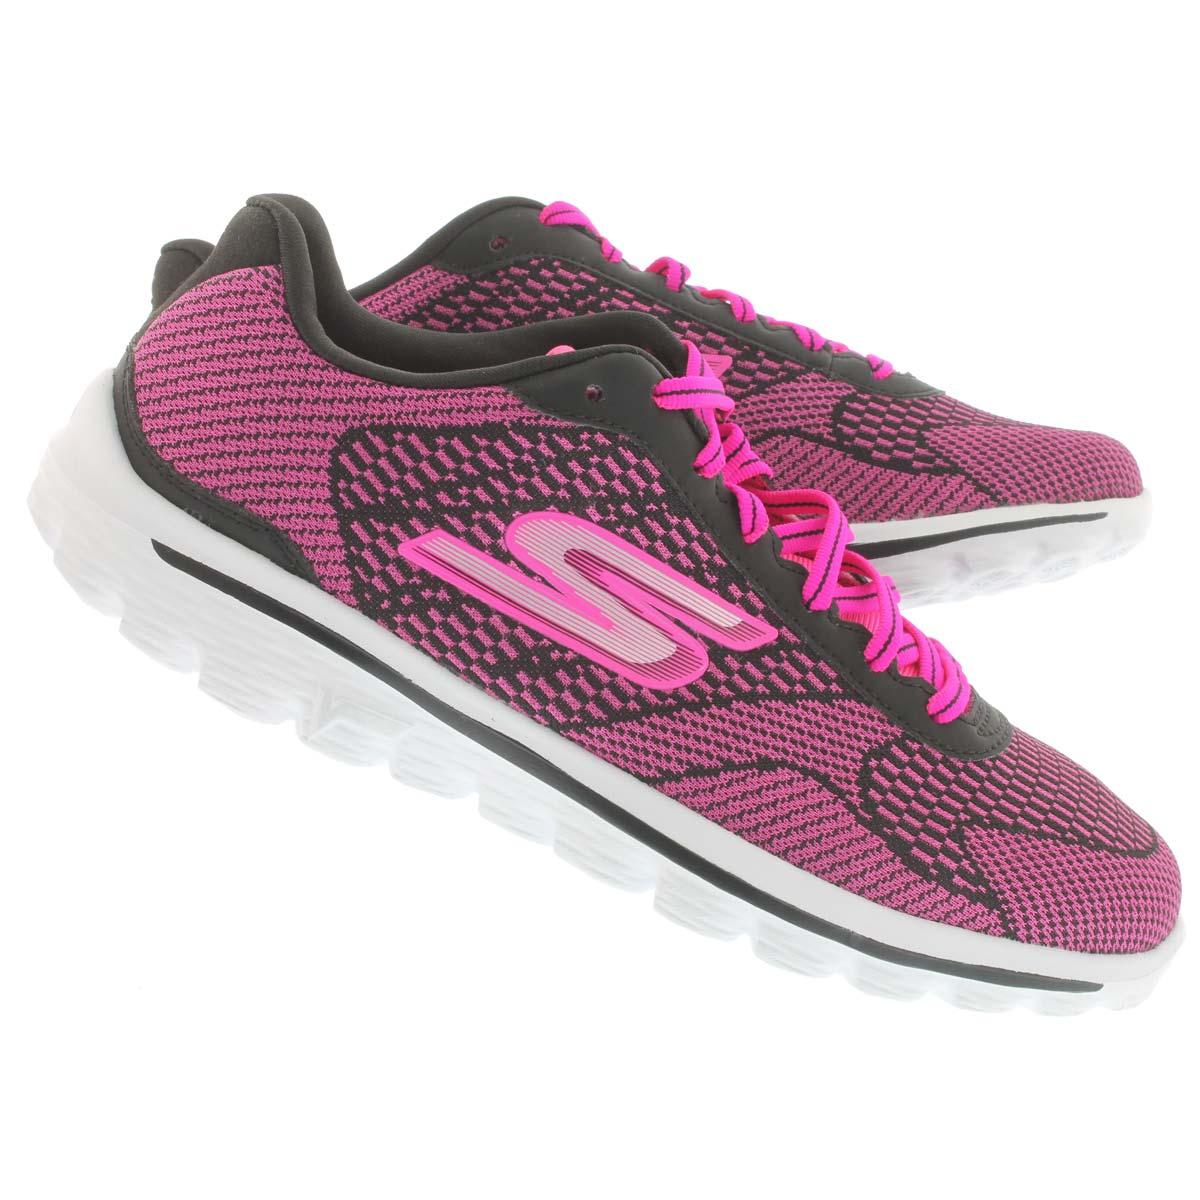 Lds GOwalk Fuse black lace up sneaker